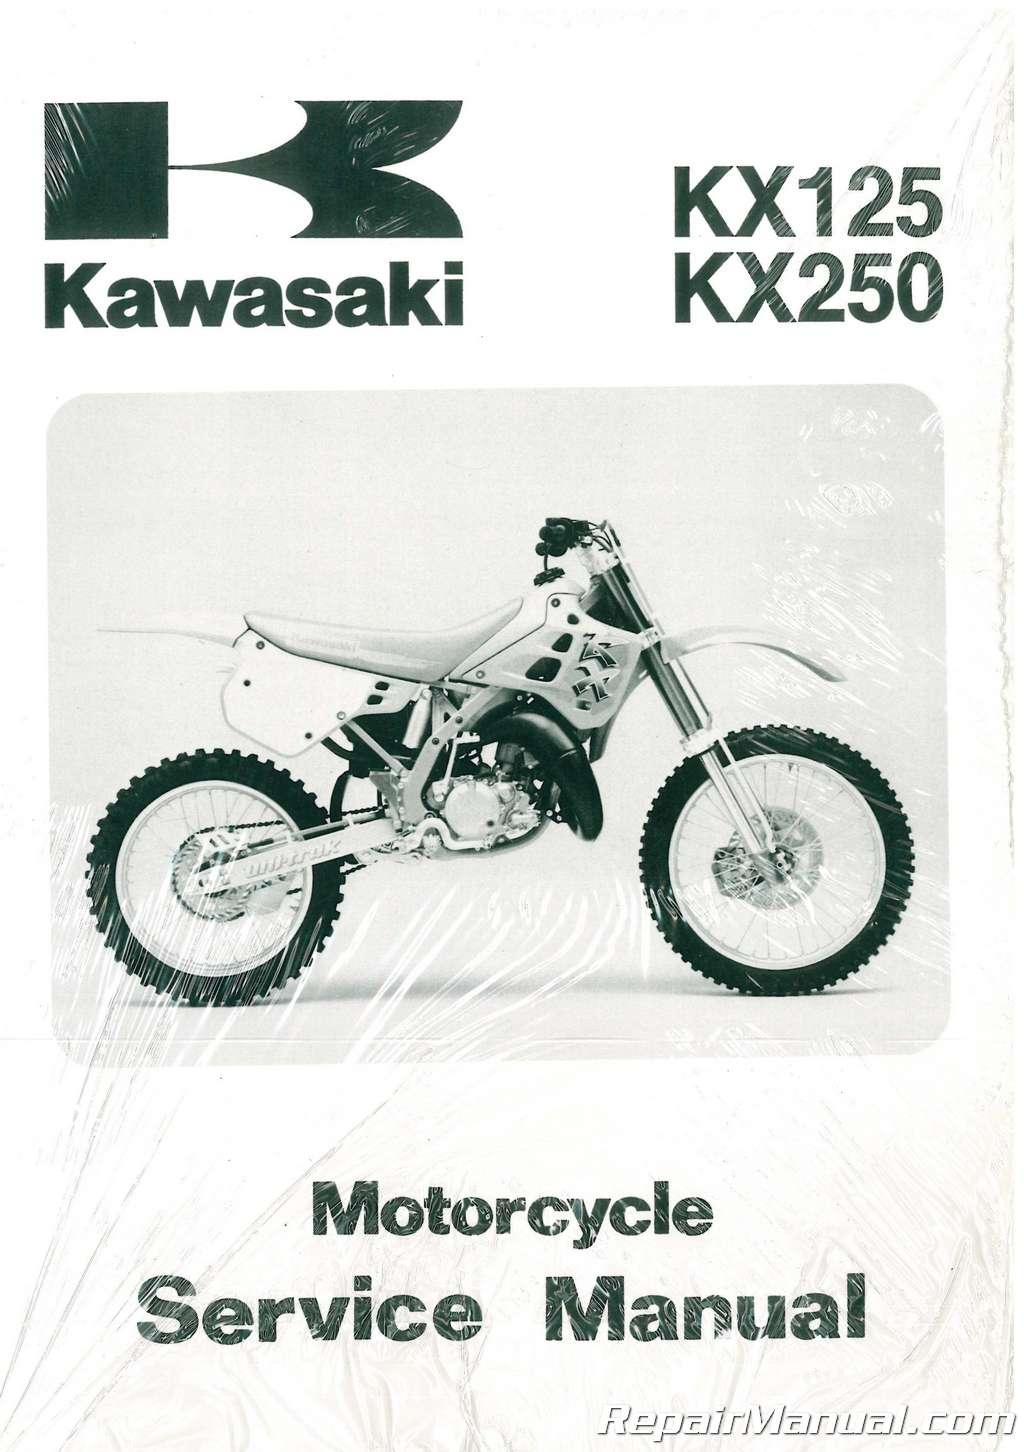 1990-–-1991-Kawasaki-KX125H1-KX250H1-Service-Manual_001.